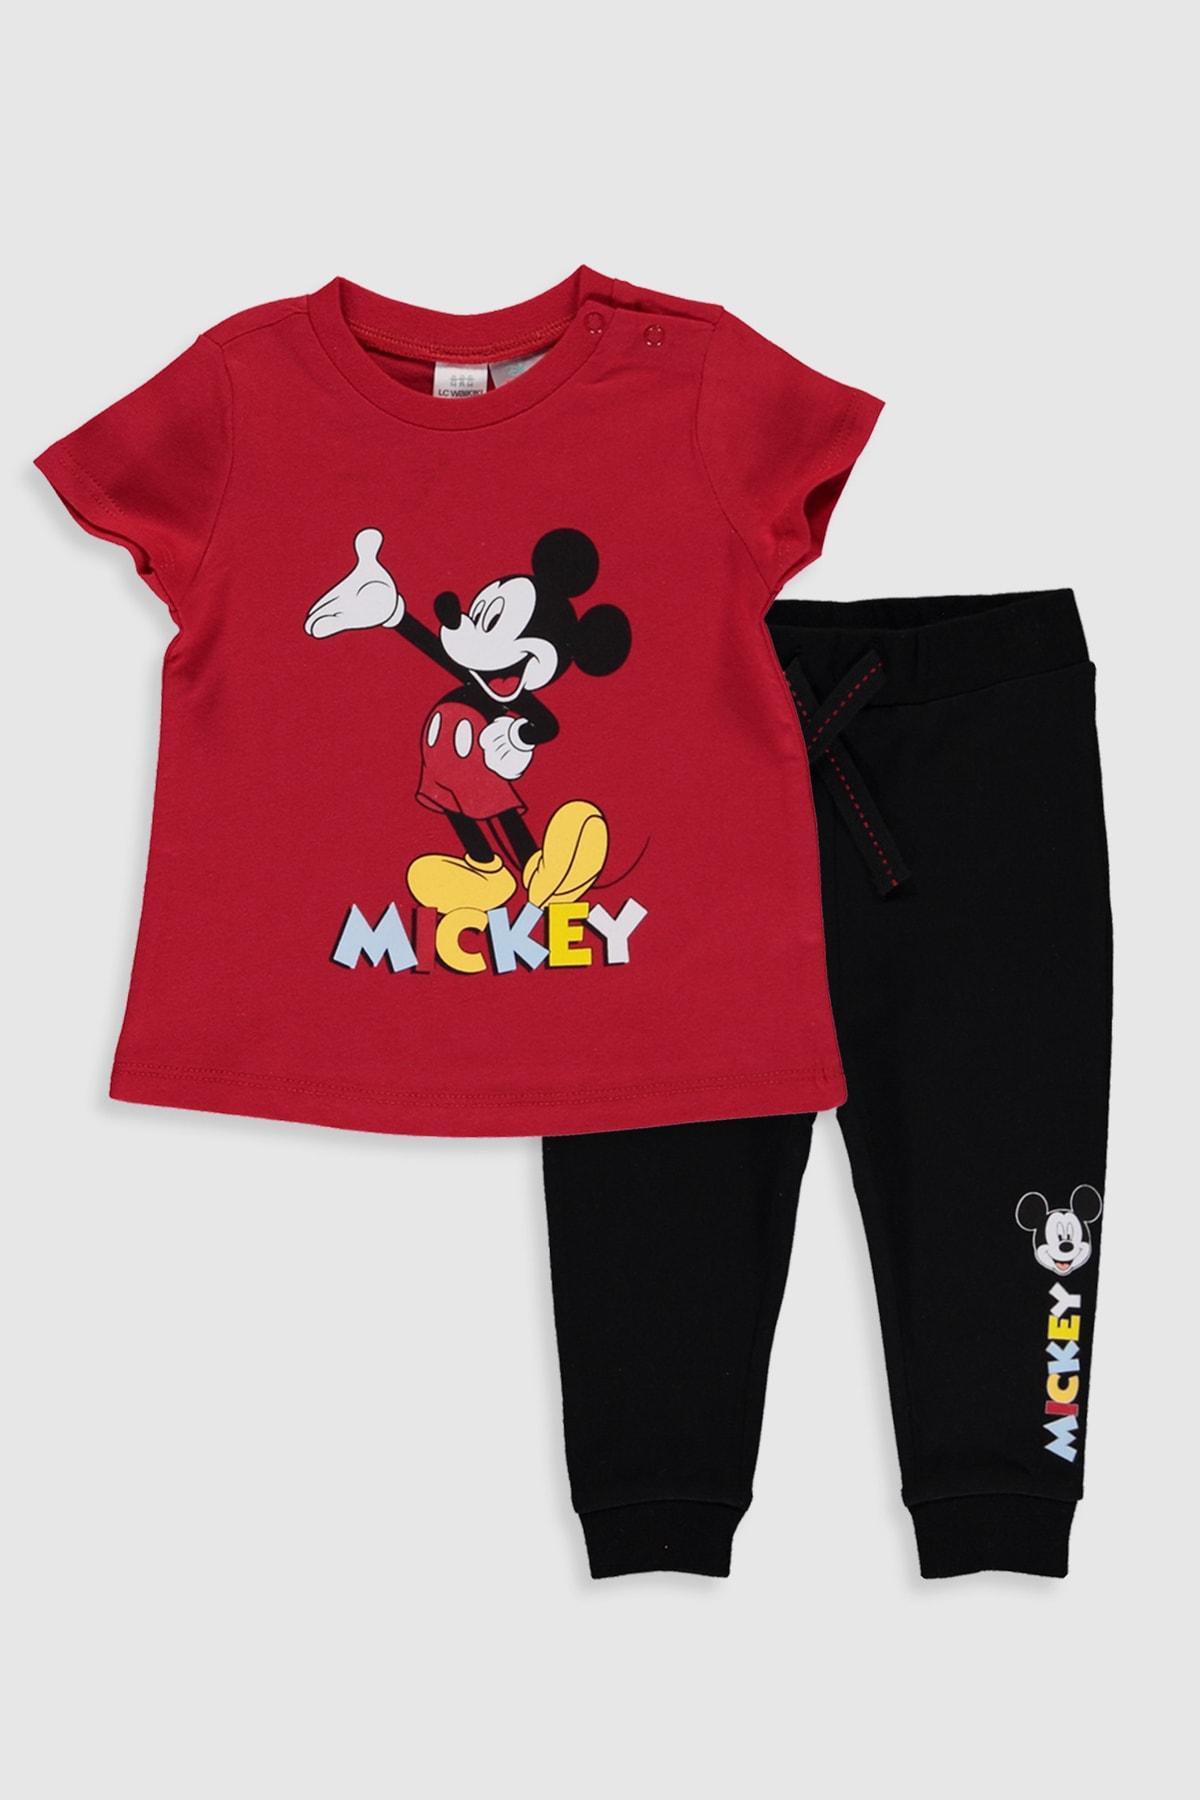 LC Waikiki Mickey Mouse Erkek Bebek Kırmızı Hpf Bebek Takımları 1